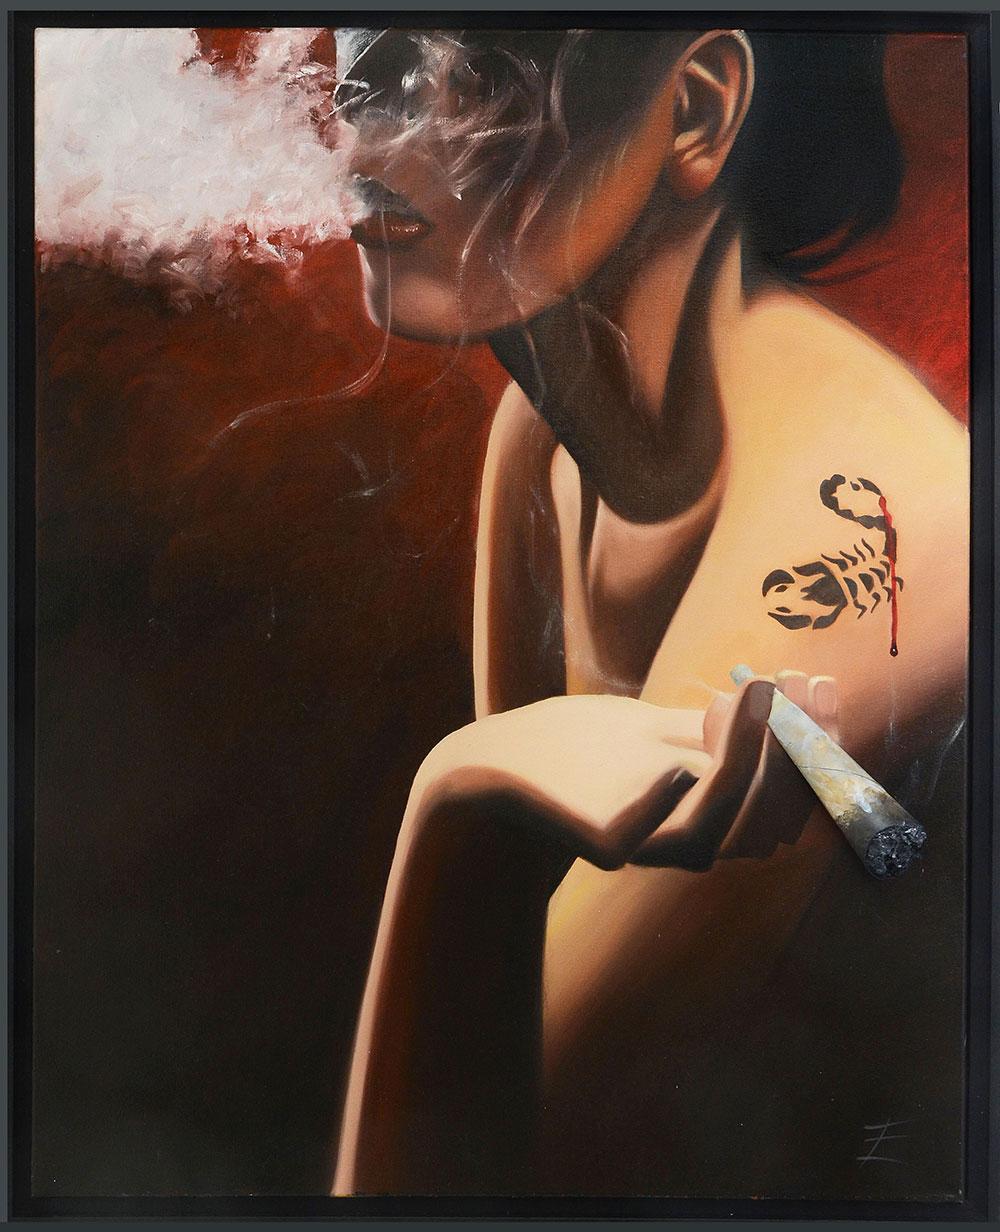 Eric Turlot, Toxique, Huile sur toile et technique mixte, 100 x 81 cm